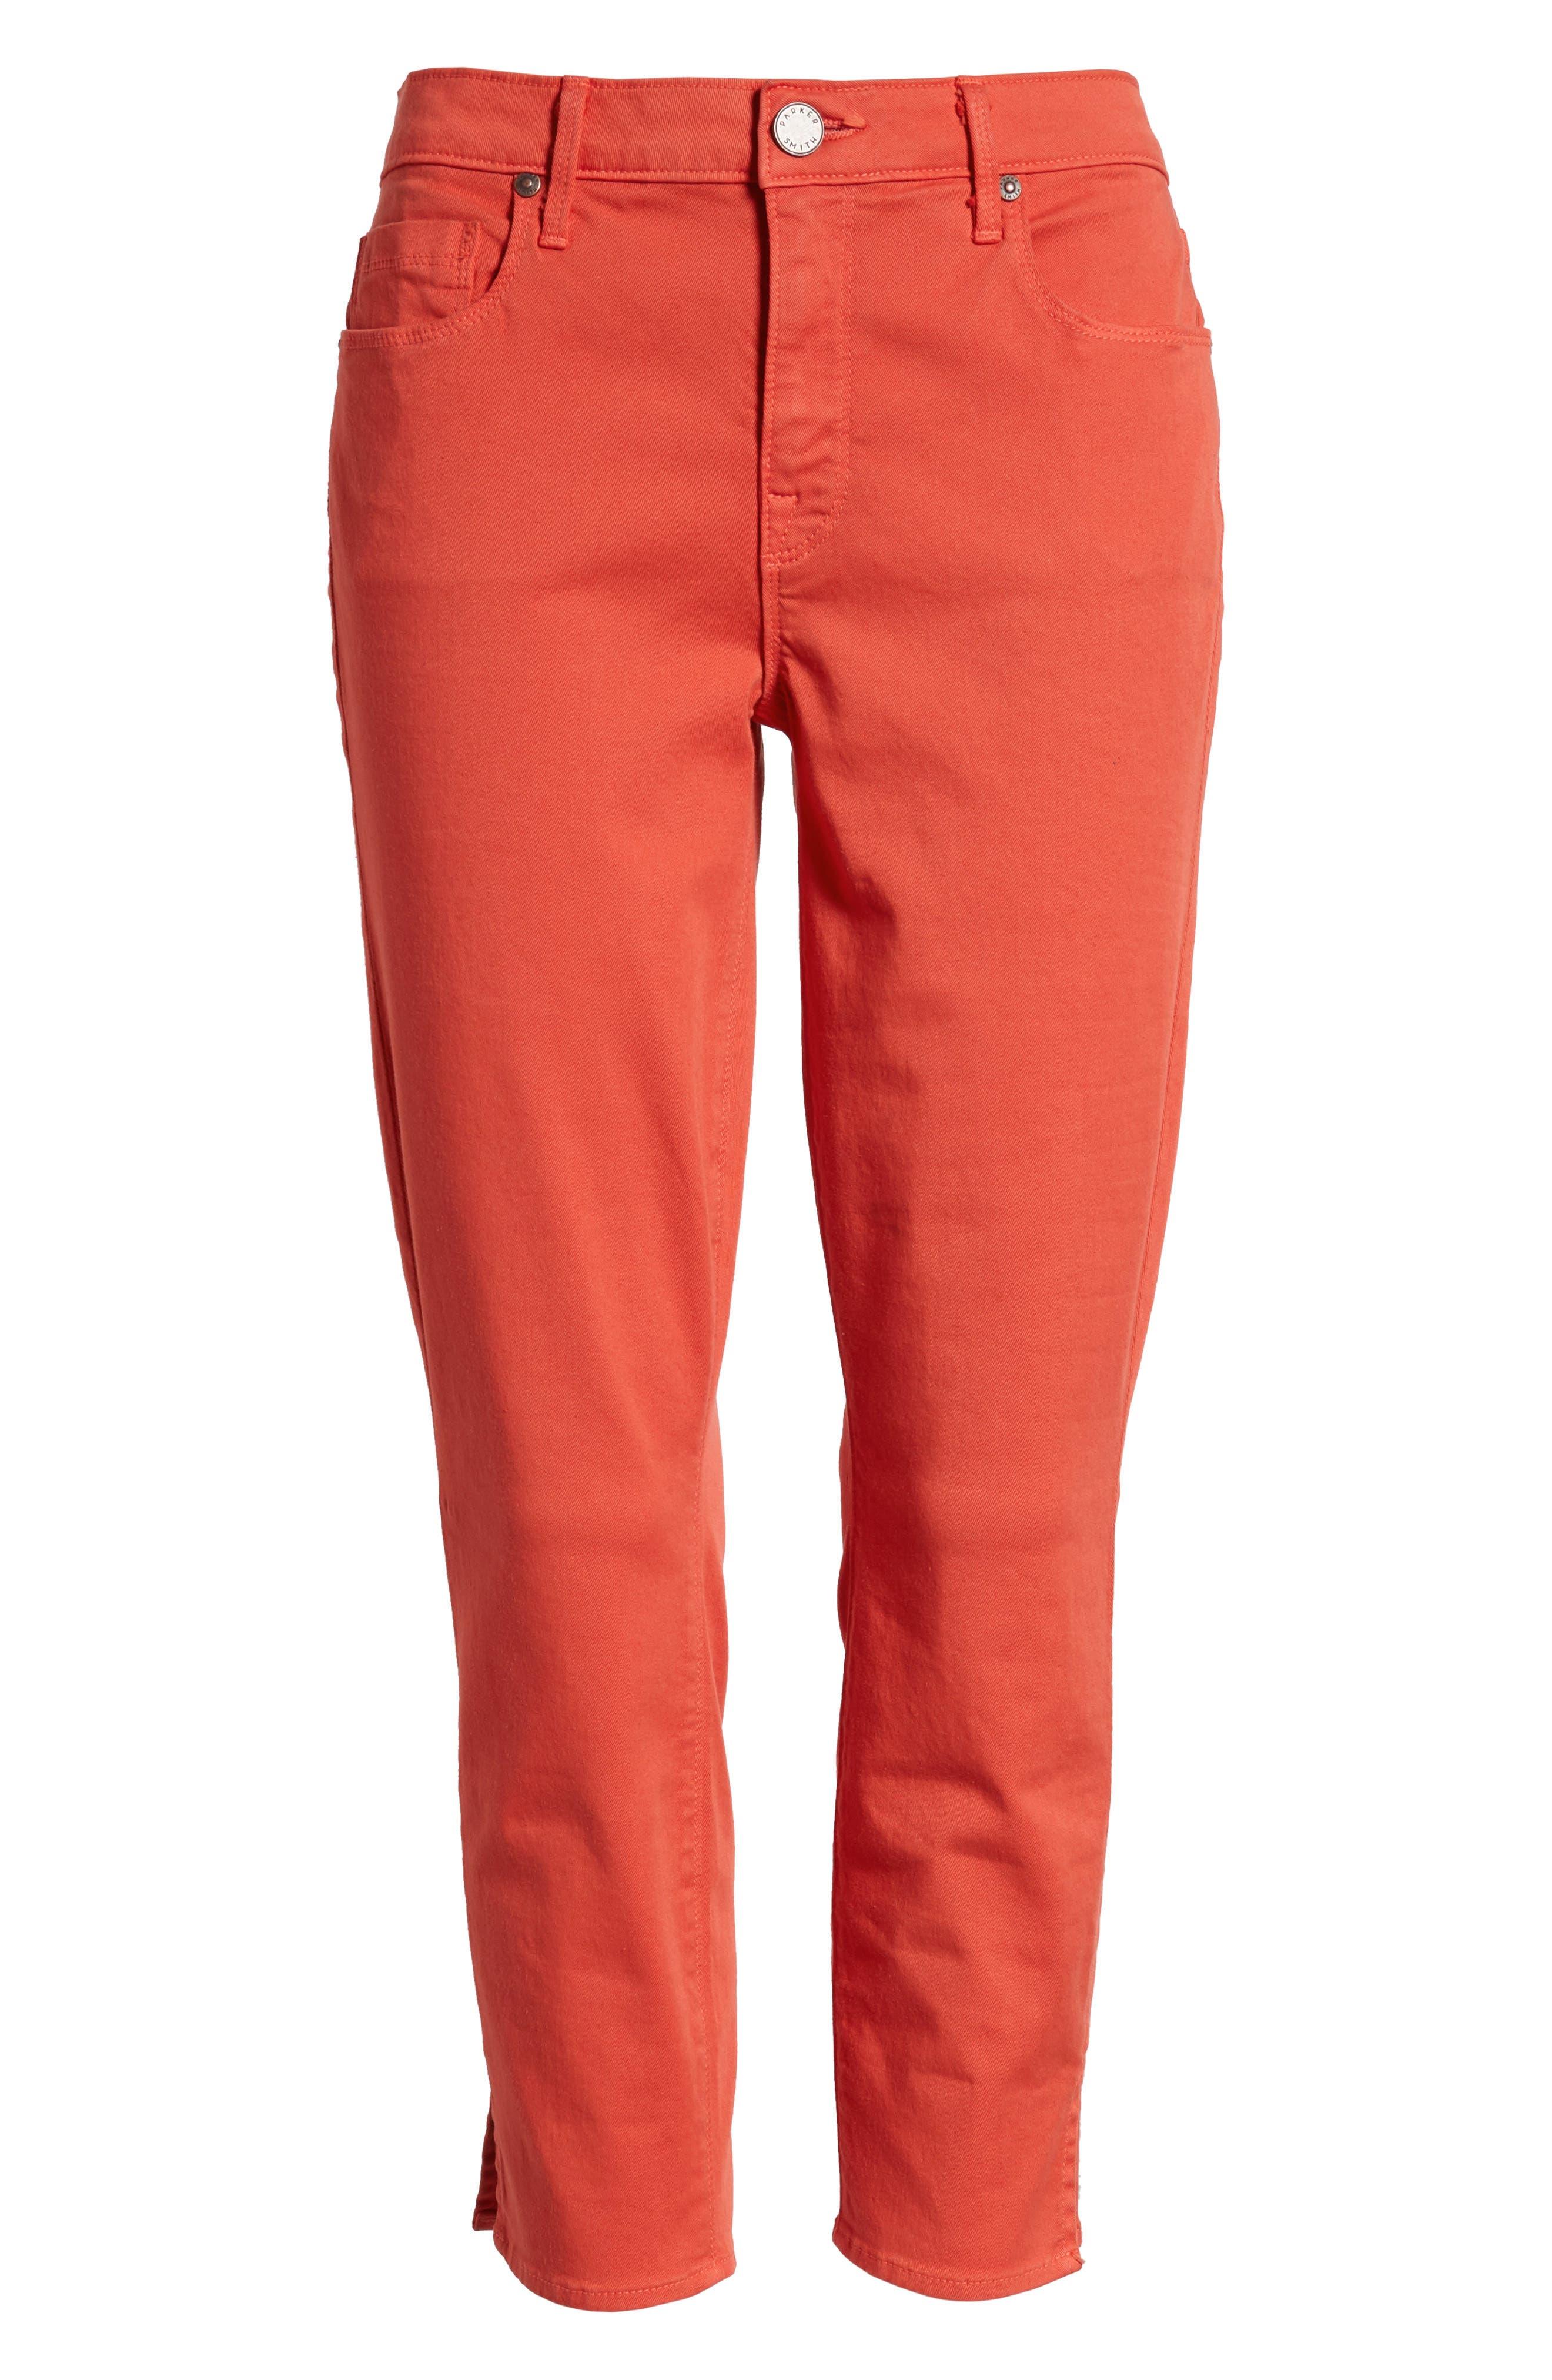 Pedal Pusher Crop Jeans,                             Alternate thumbnail 6, color,                             Sunburst